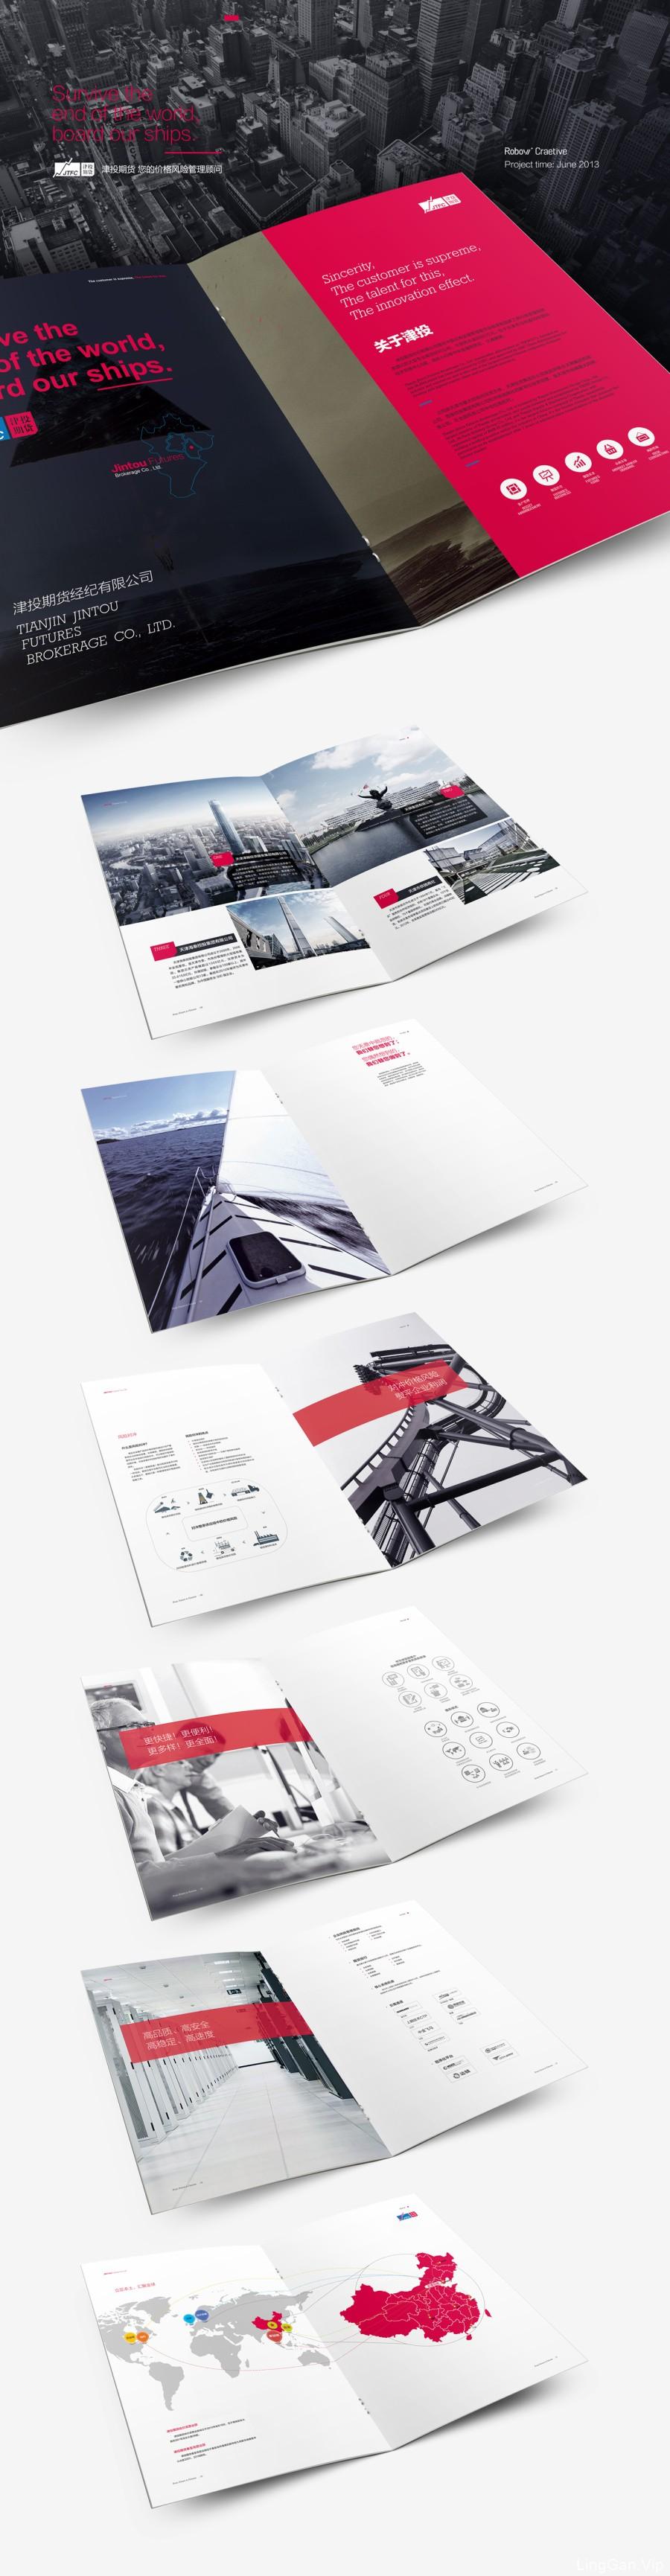 津投期货经纪公司企业画册设计